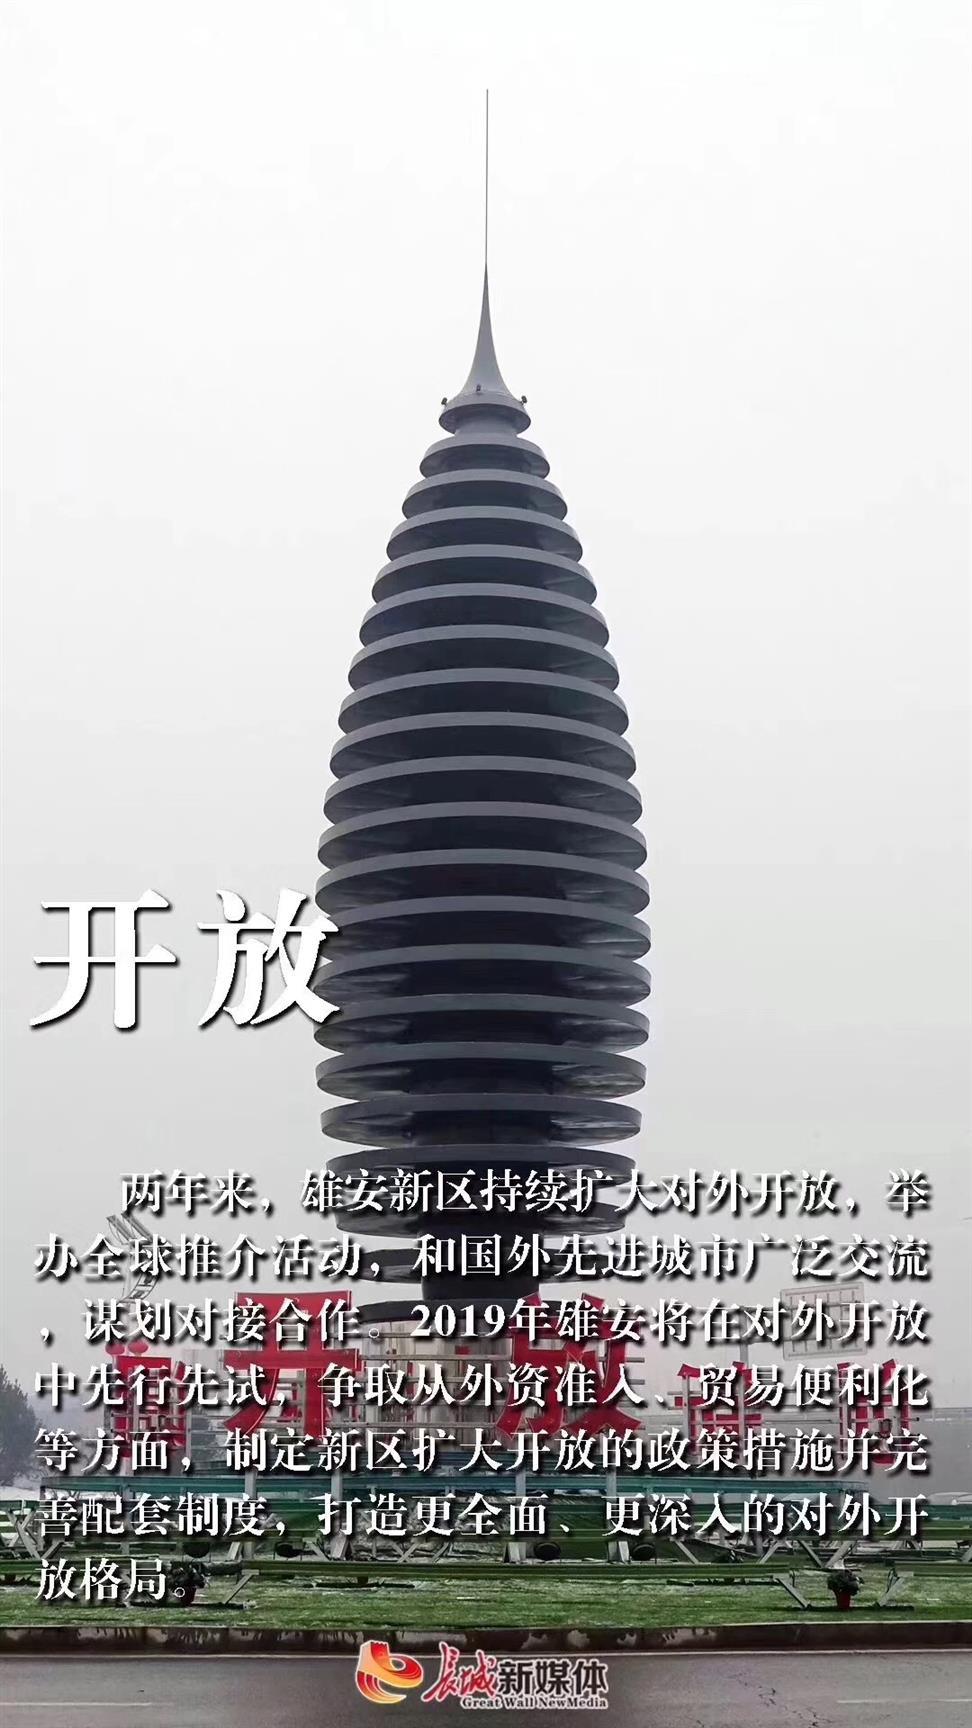 2019京雄世贸港悦享谷售楼部